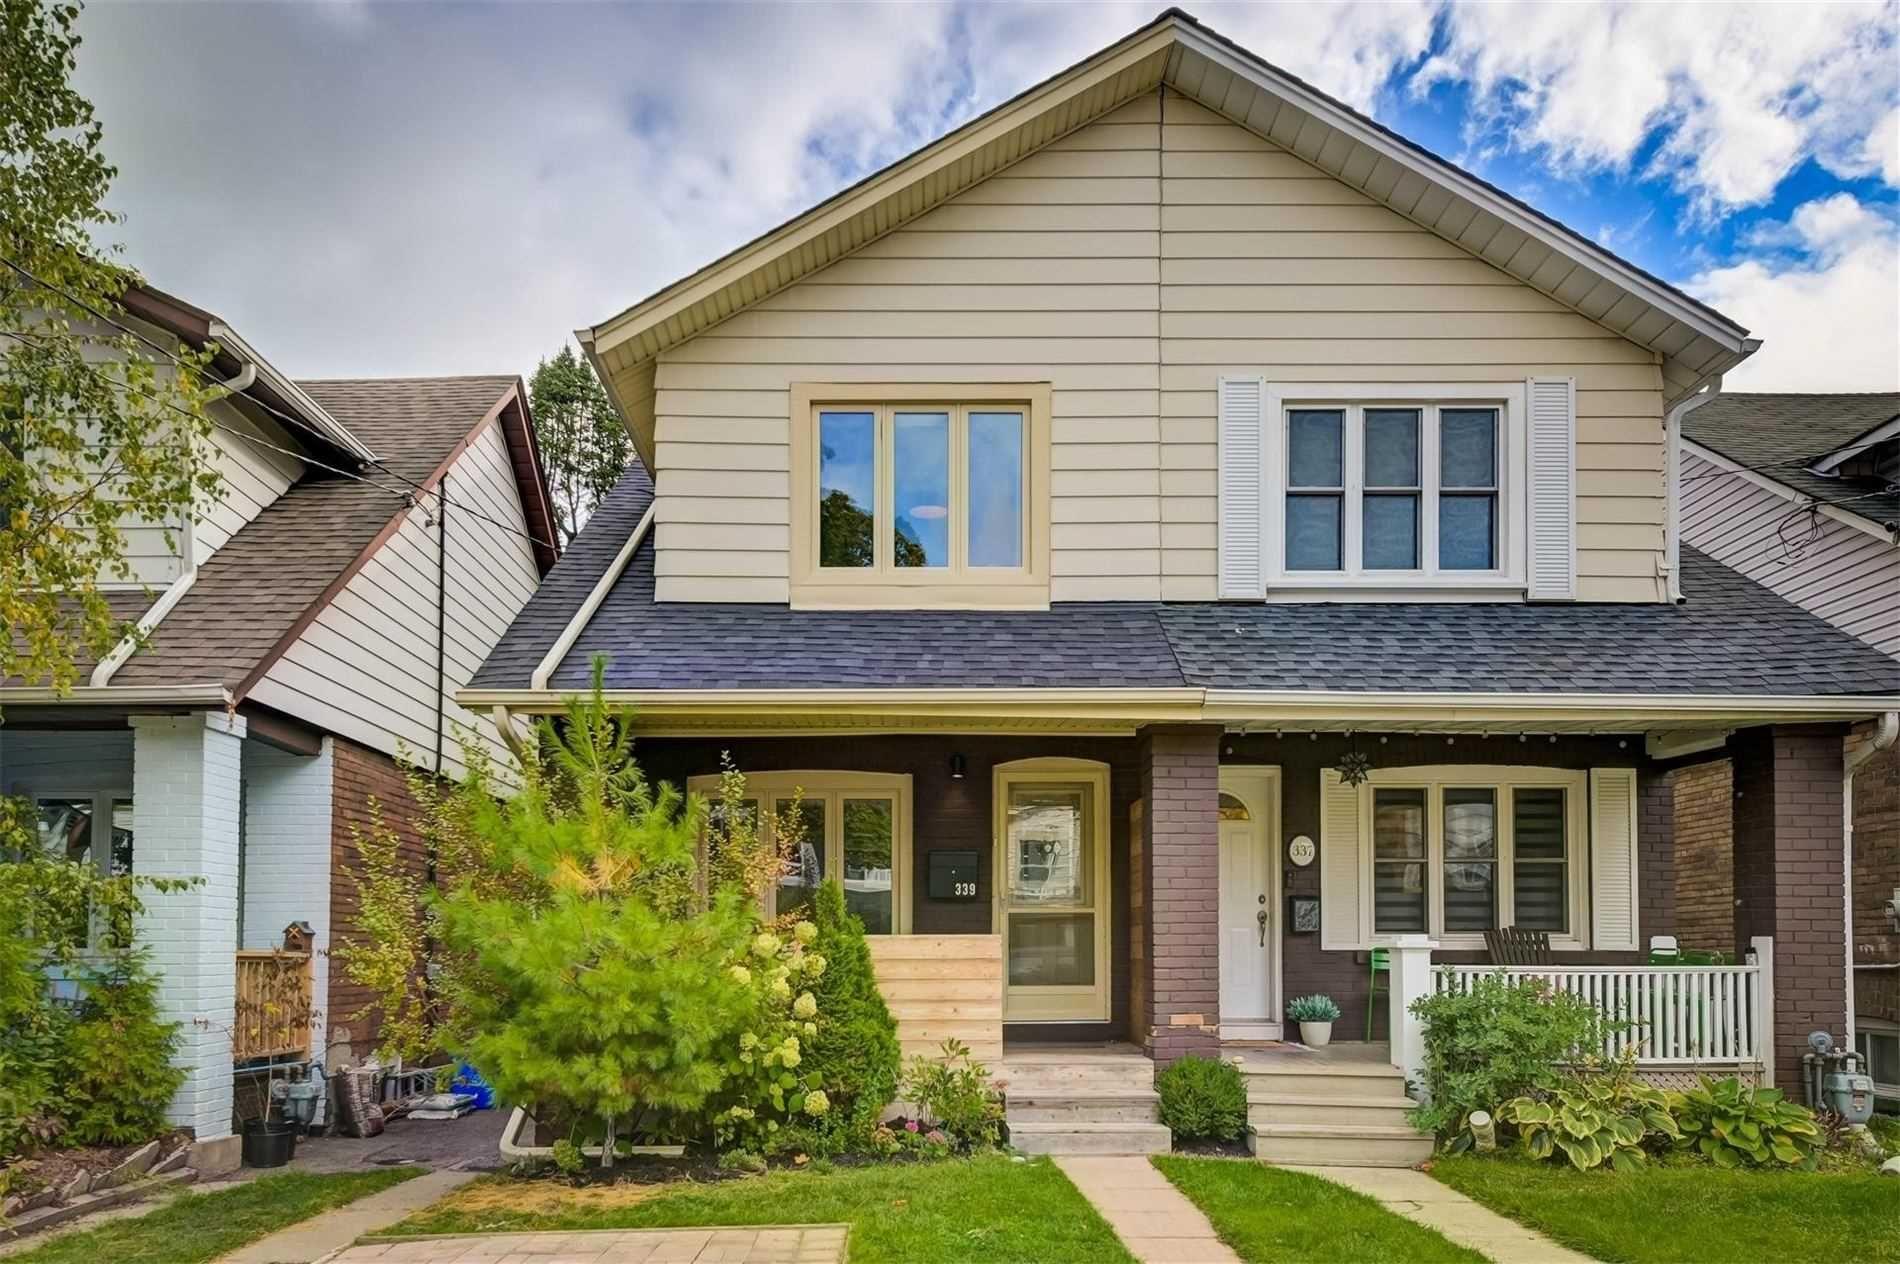 Main Photo: 339 Scarborough Road in Toronto: The Beaches House (2-Storey) for sale (Toronto E02)  : MLS®# E4938188